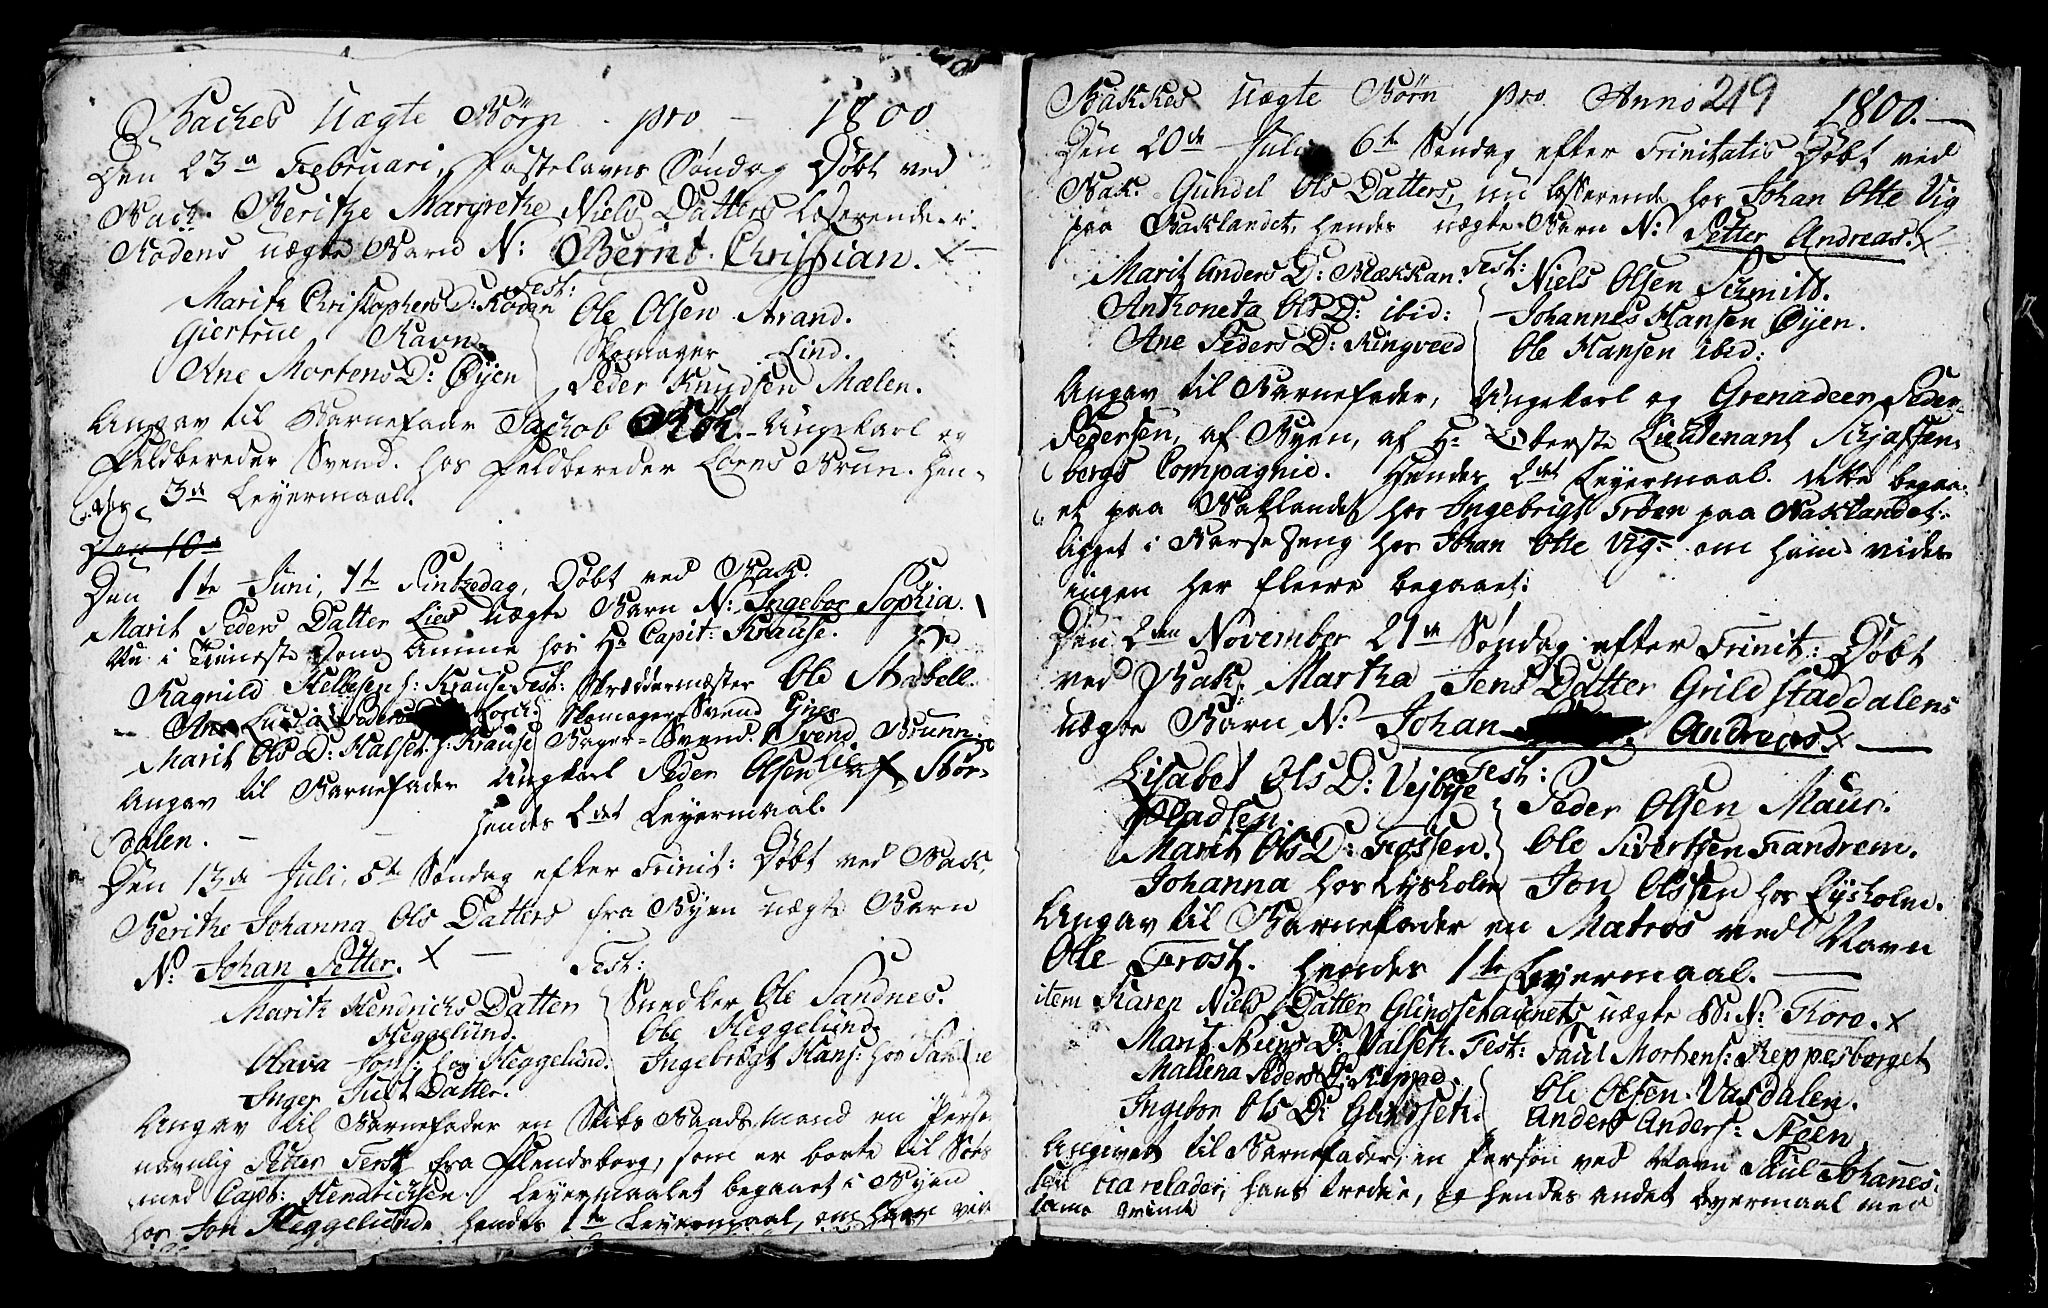 SAT, Ministerialprotokoller, klokkerbøker og fødselsregistre - Sør-Trøndelag, 604/L0218: Klokkerbok nr. 604C01, 1754-1819, s. 219